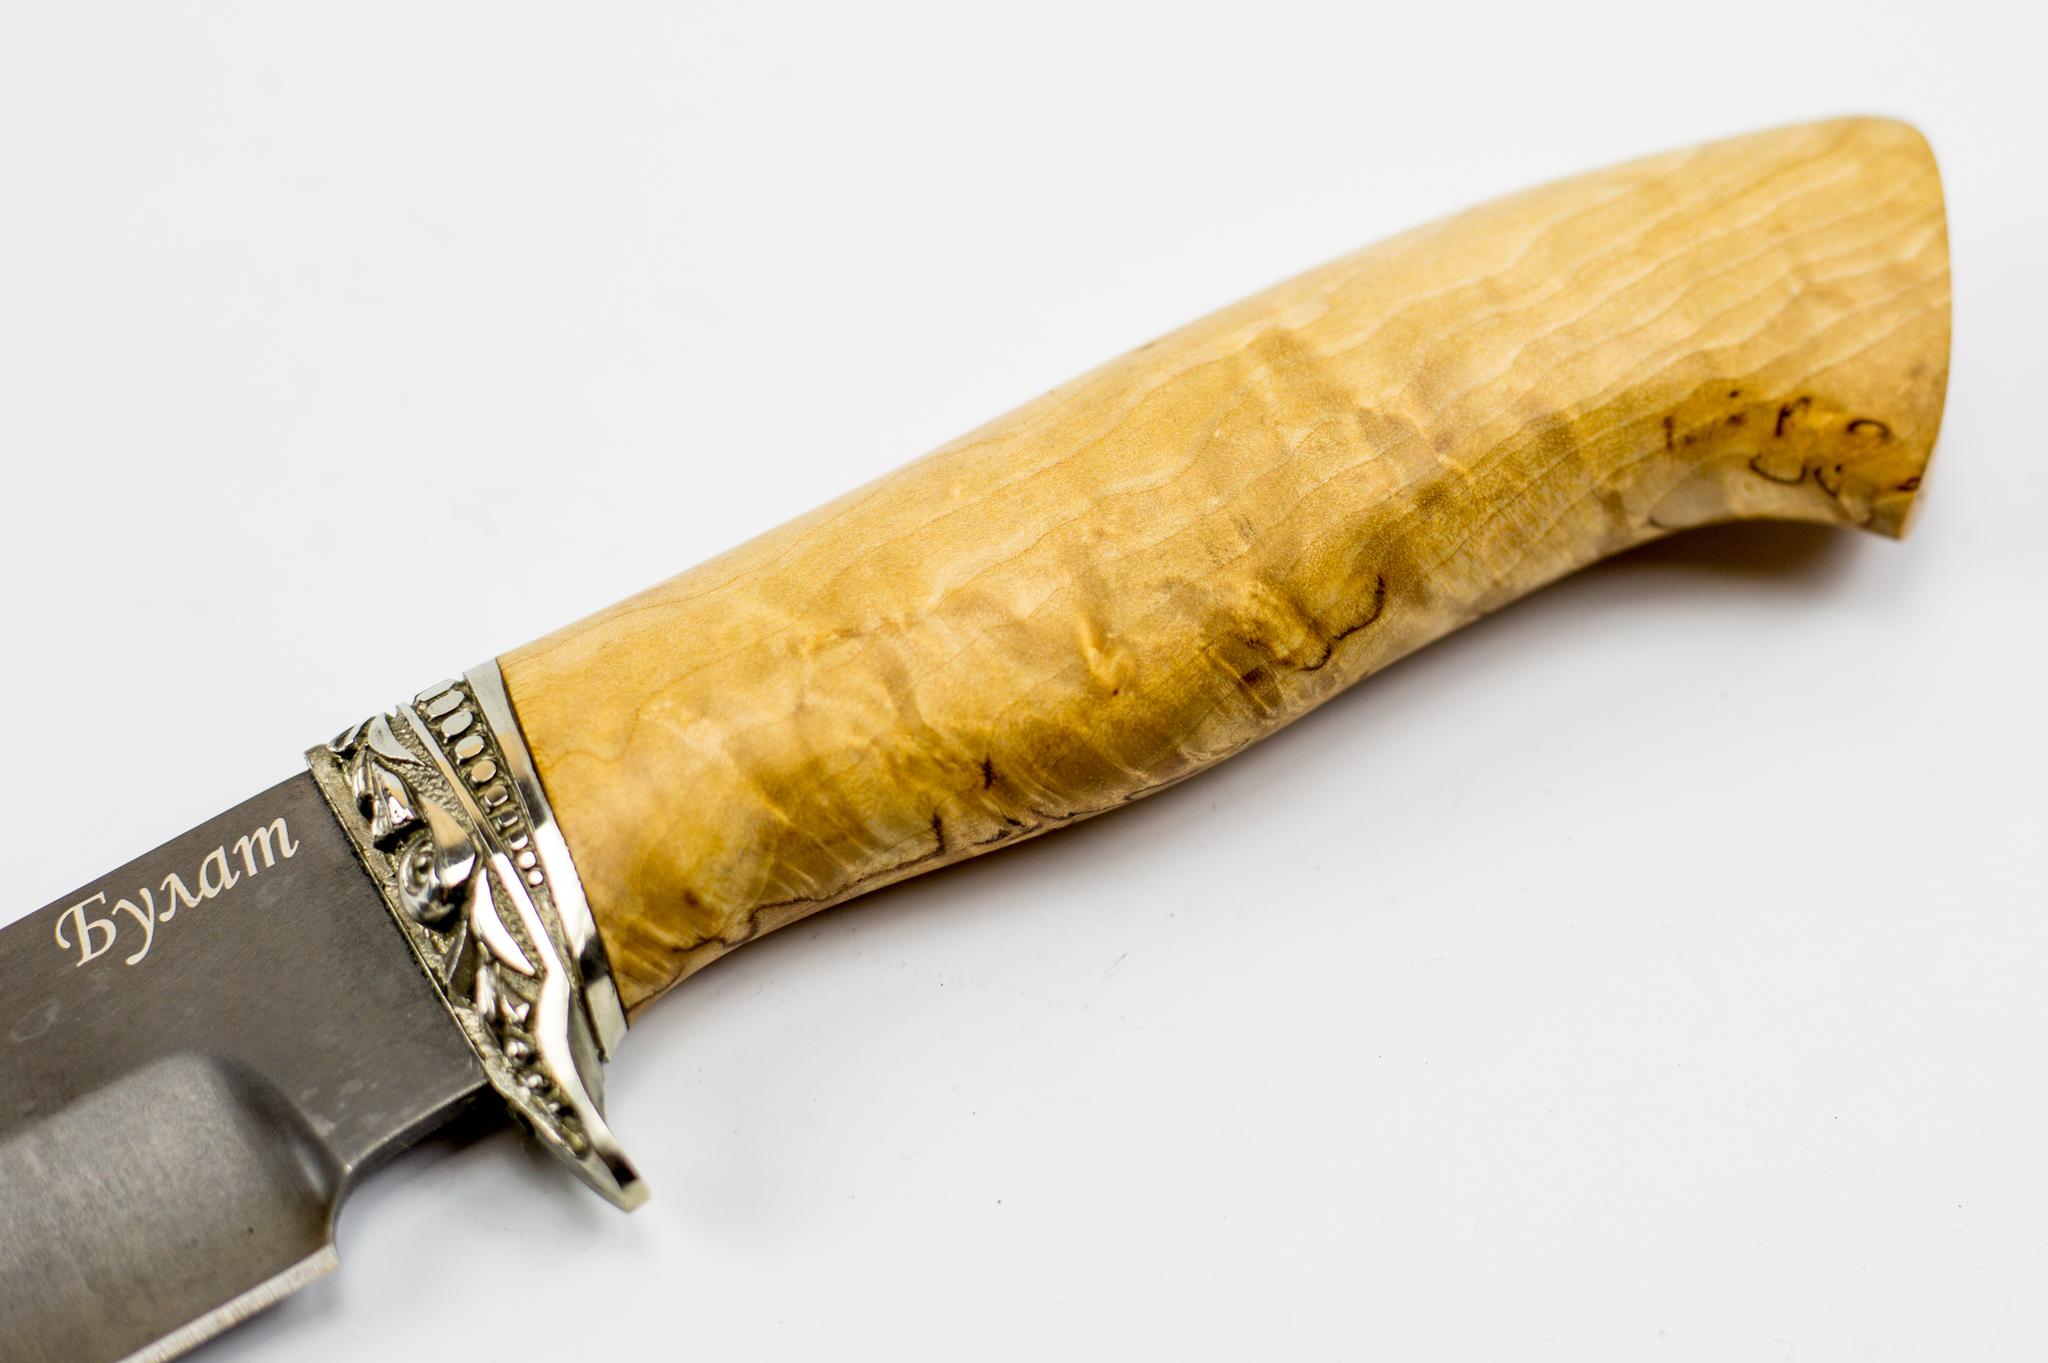 Фото 7 - Хищник-2 булат, карельская береза от Промтехснаб